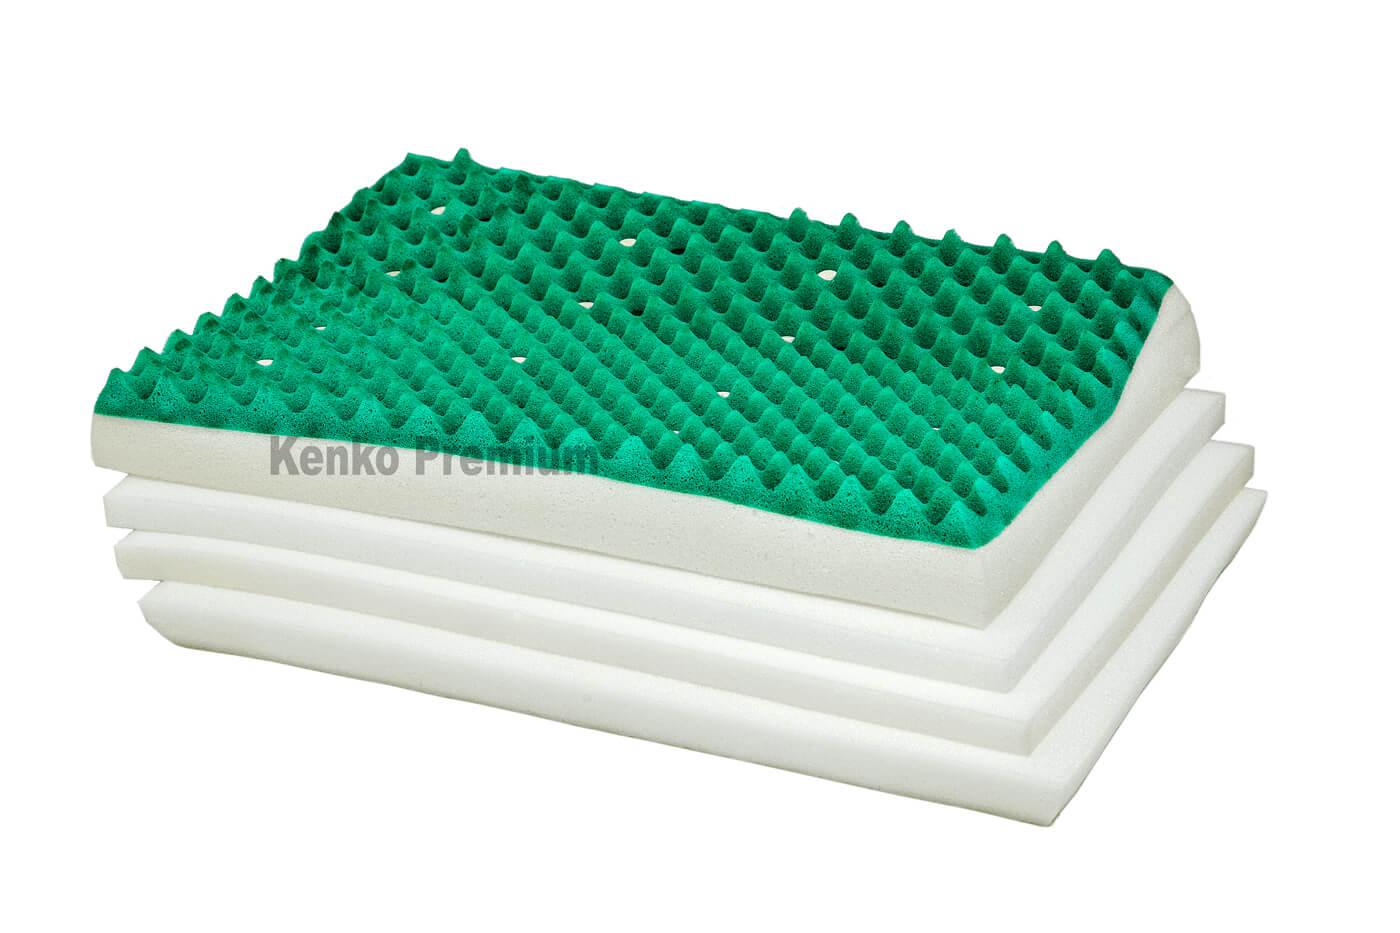 Travesseiro Magnético Kenko Premium Anatômico Camadas Ajustáveis Hr Látex  - Kenko Premium Colchões